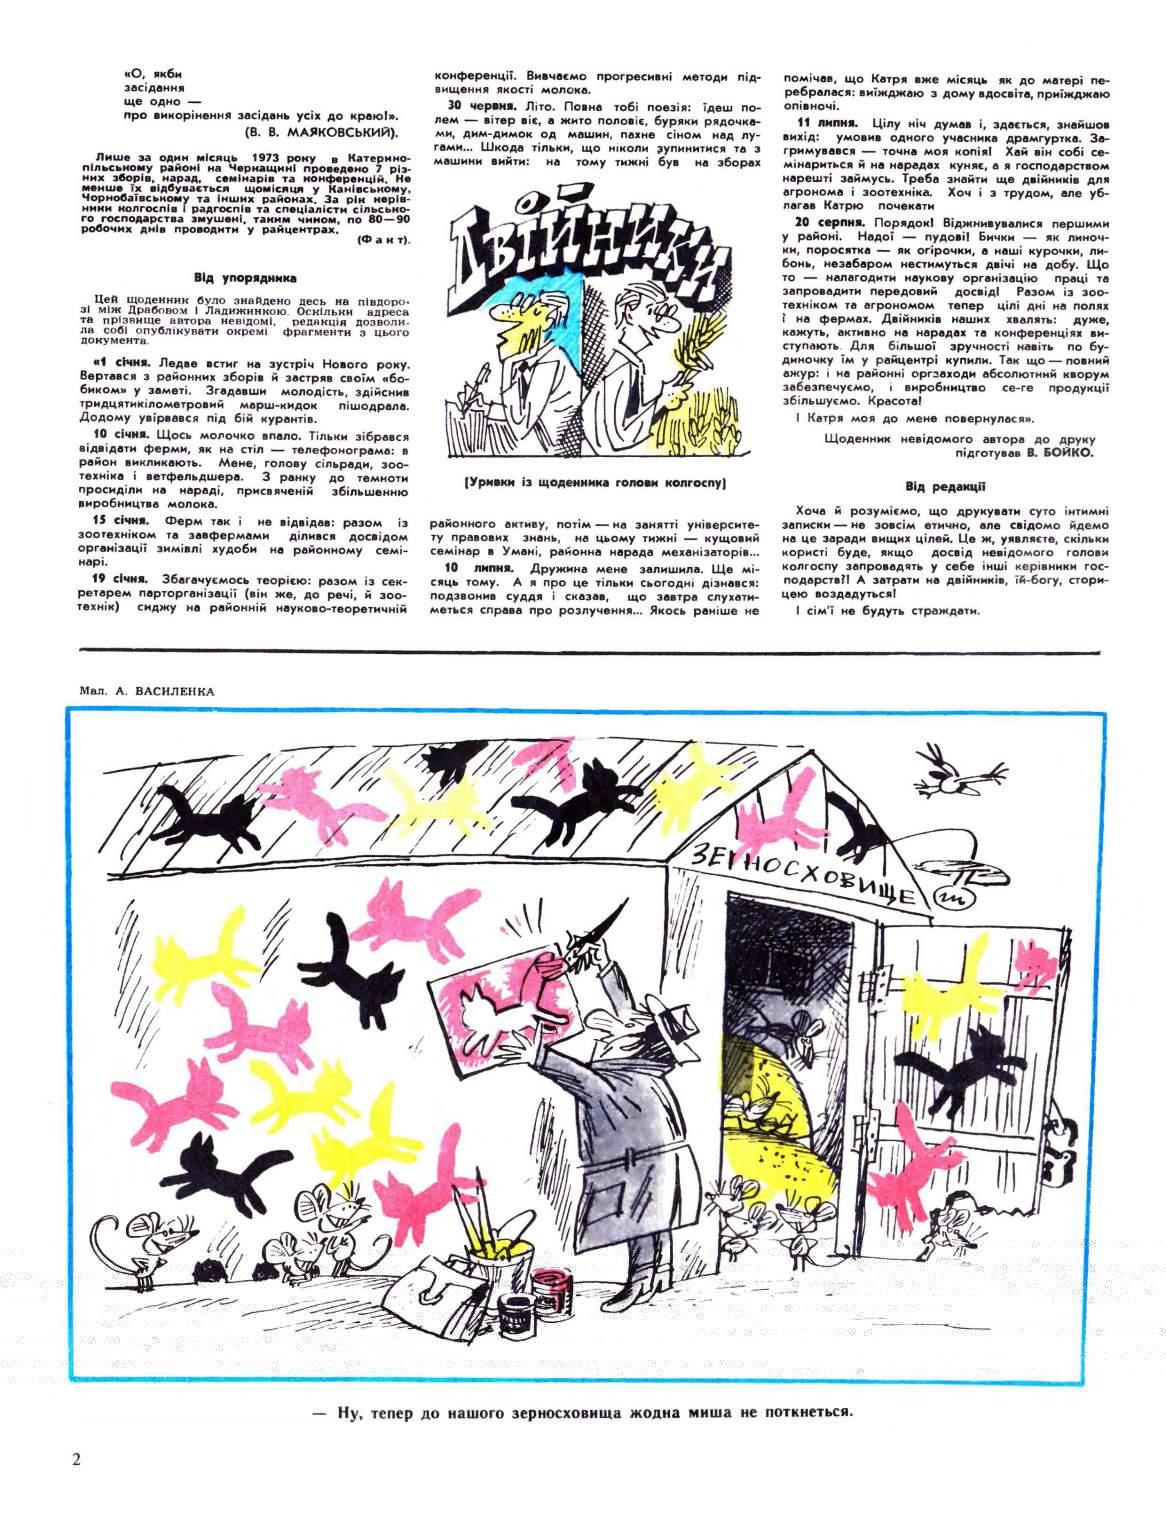 Журнал перець 1973 №19